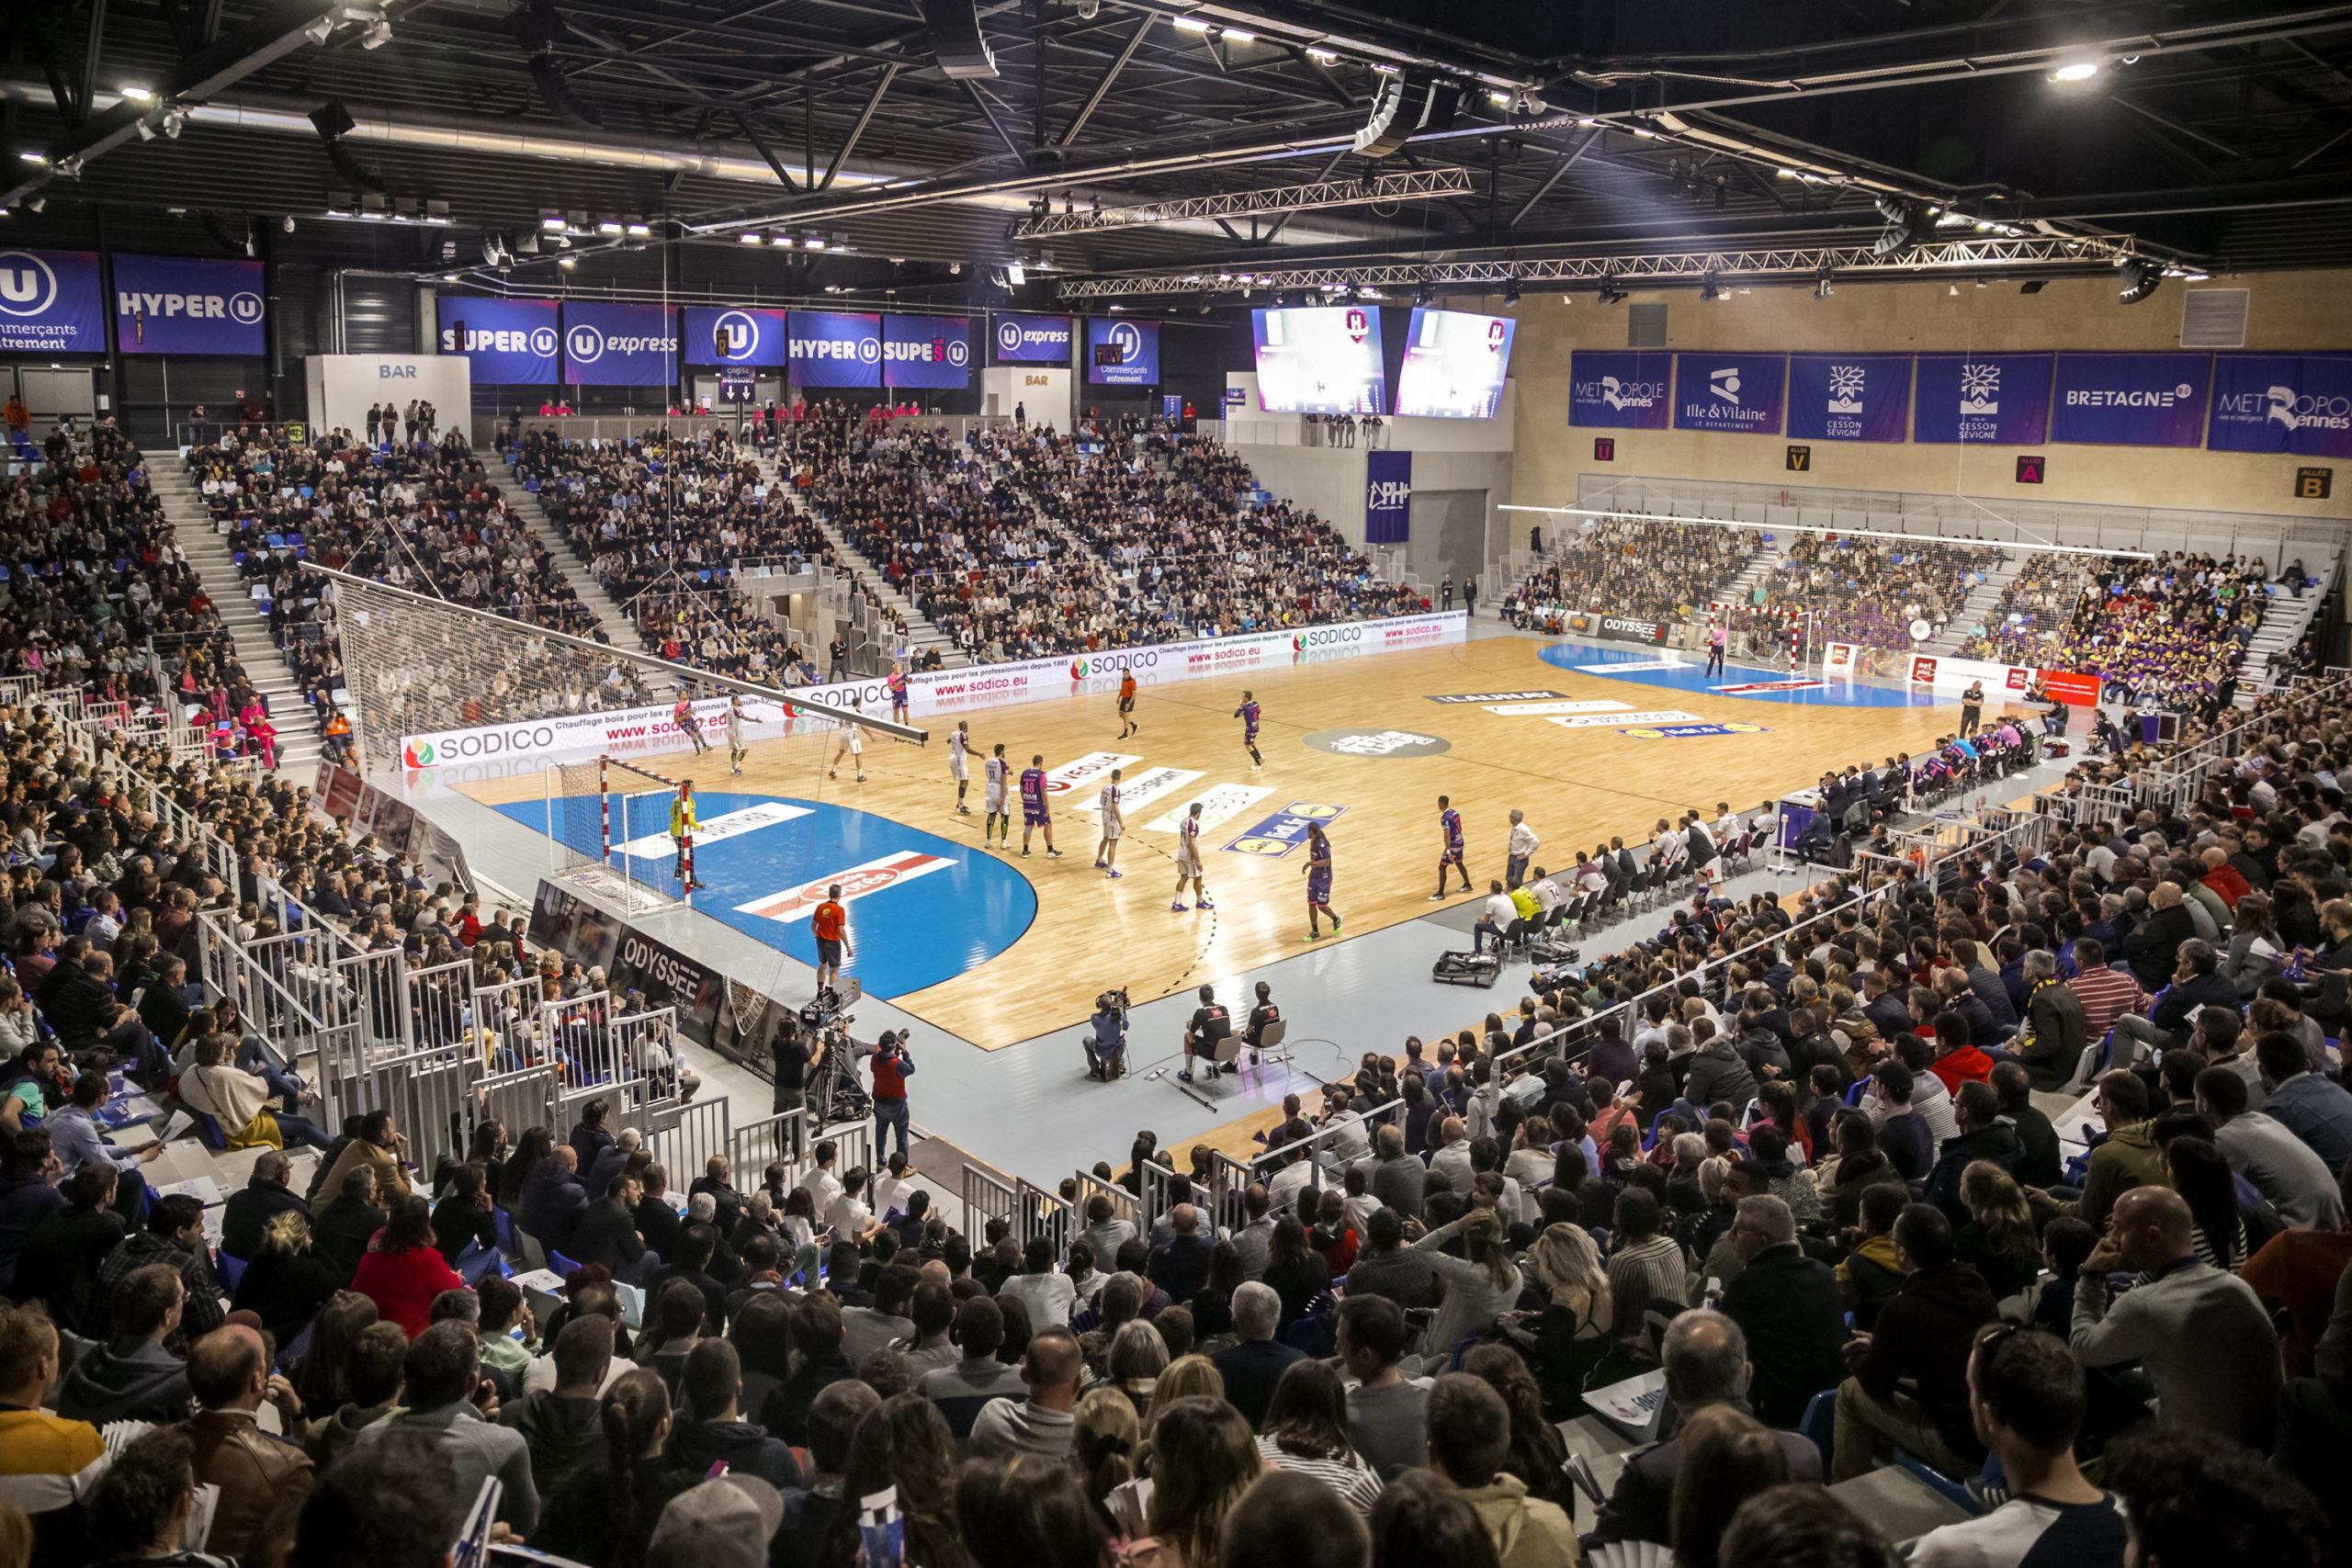 Salle multi-activité à Cesson-Sévigné Glaz Arena